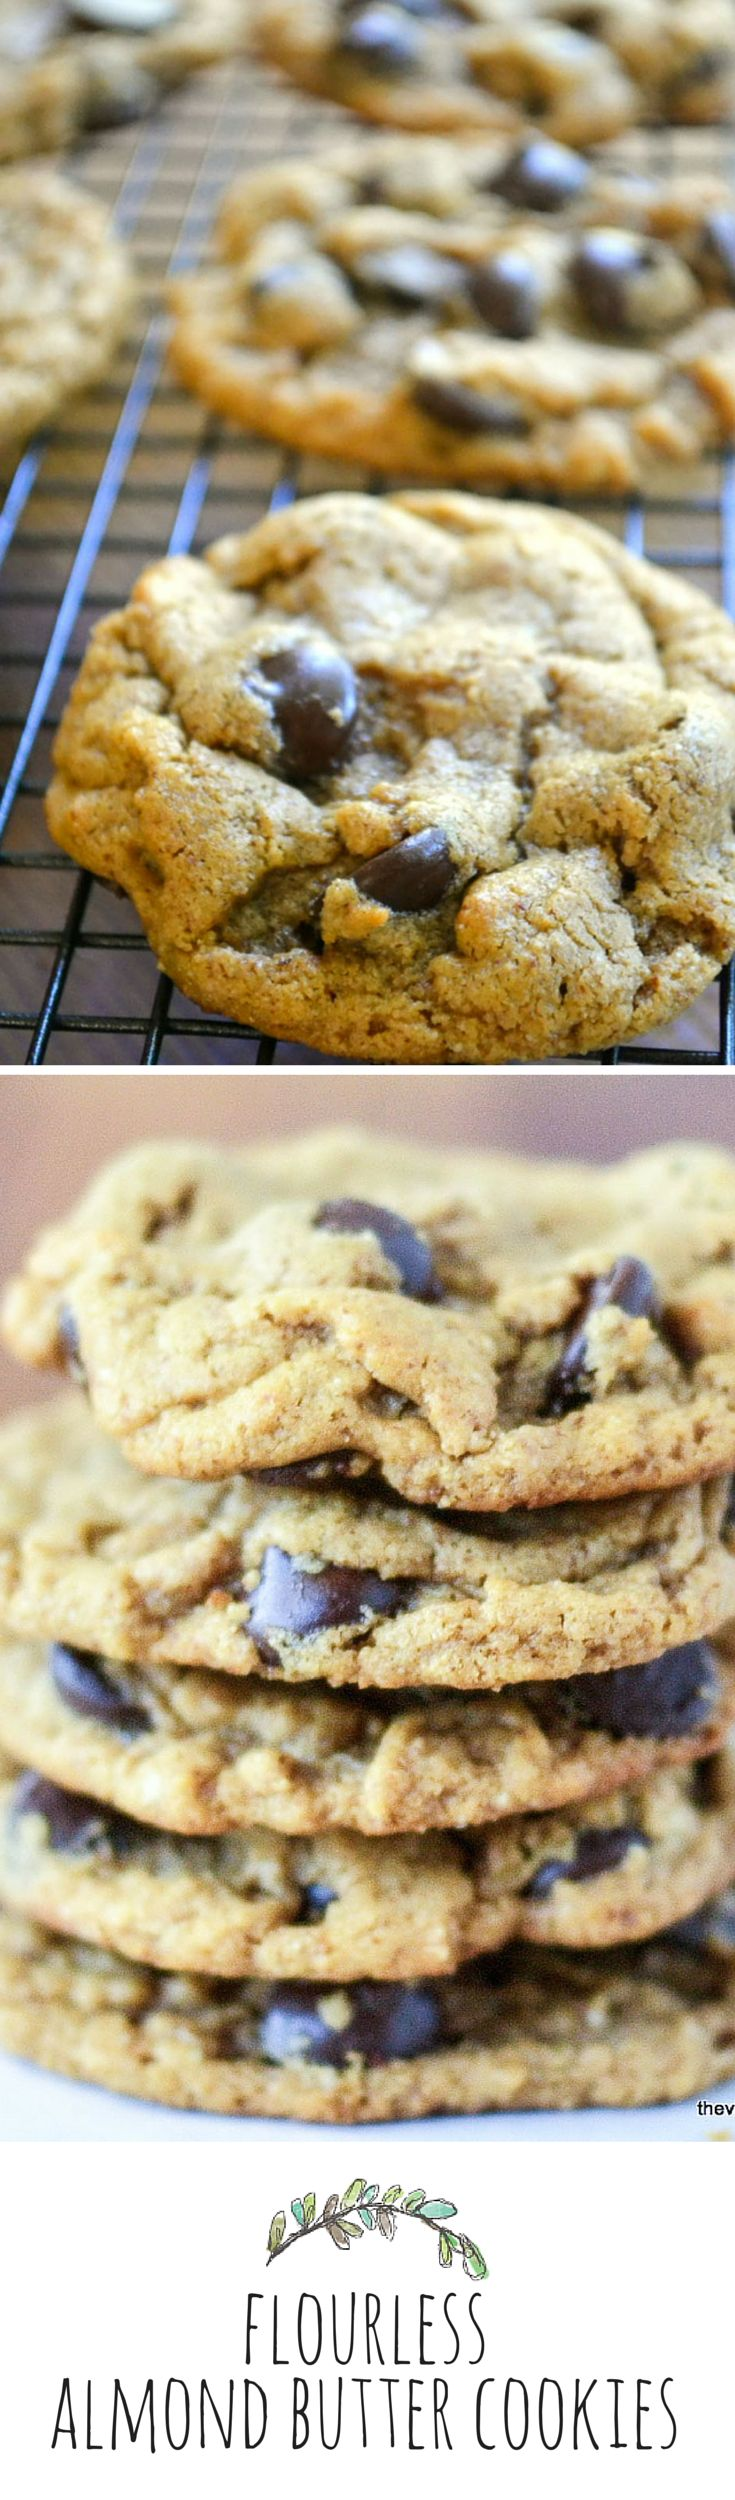 아몬드 버터 초코칩 쿠키